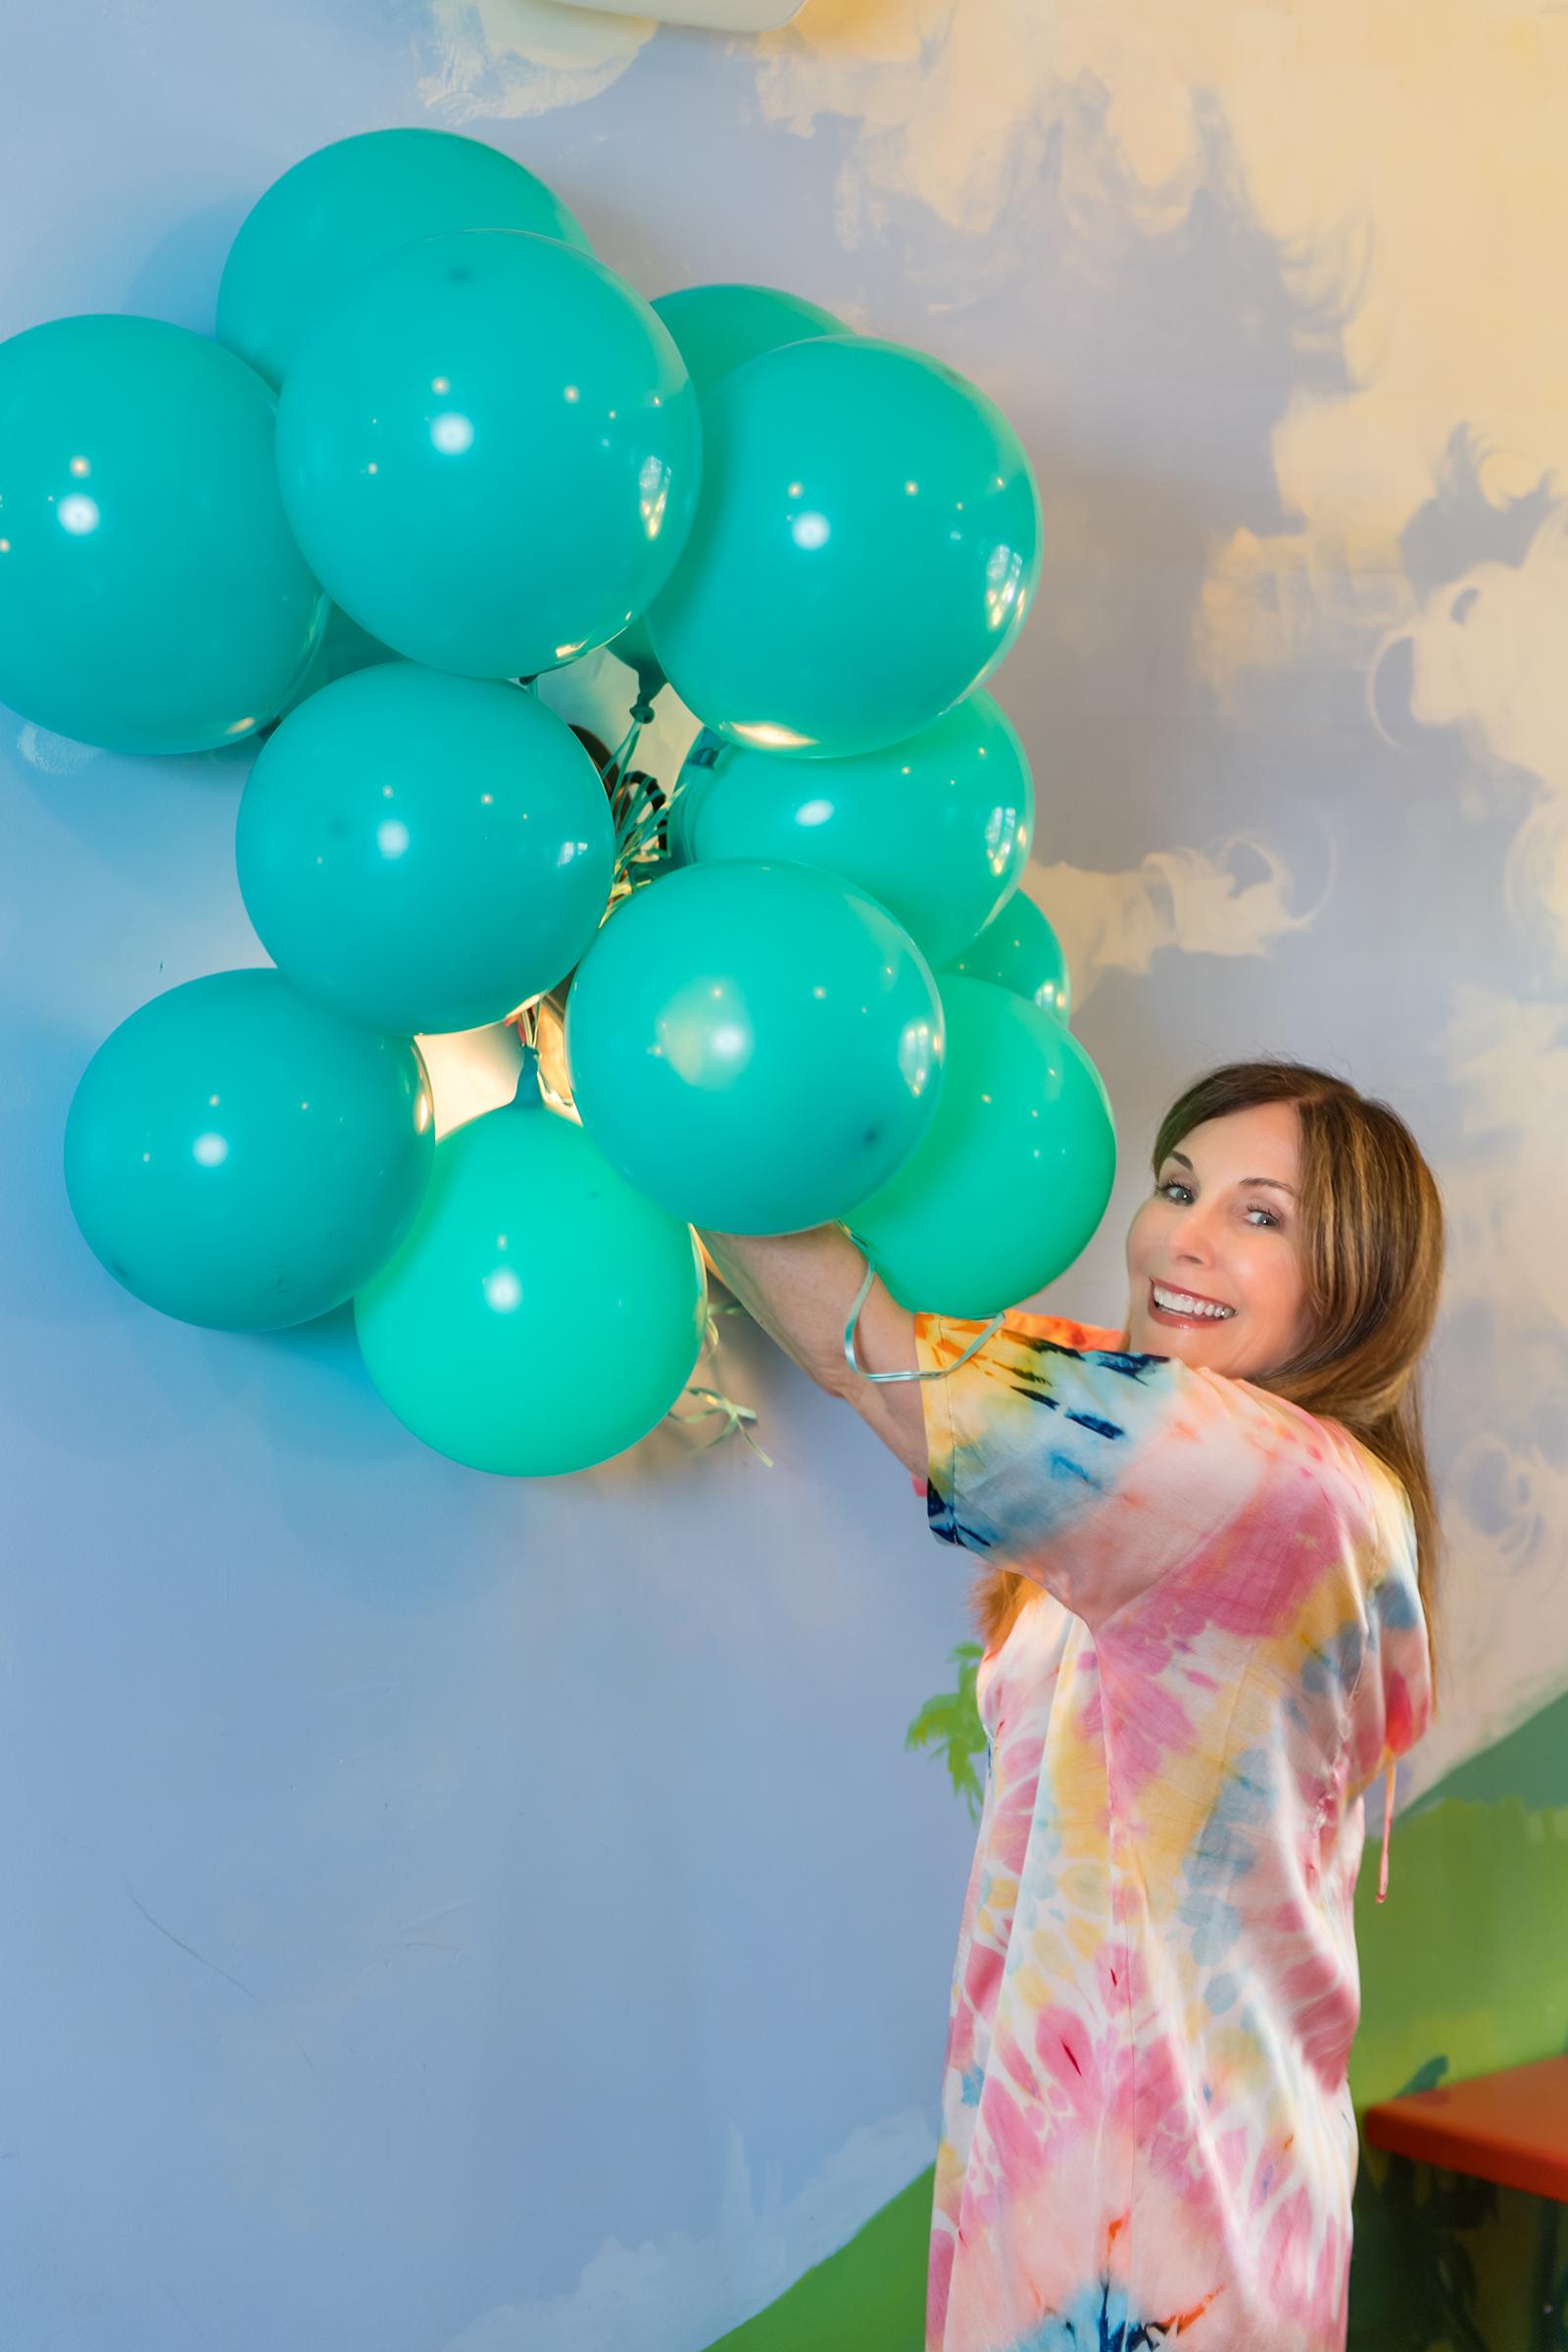 party-balloons-ideas